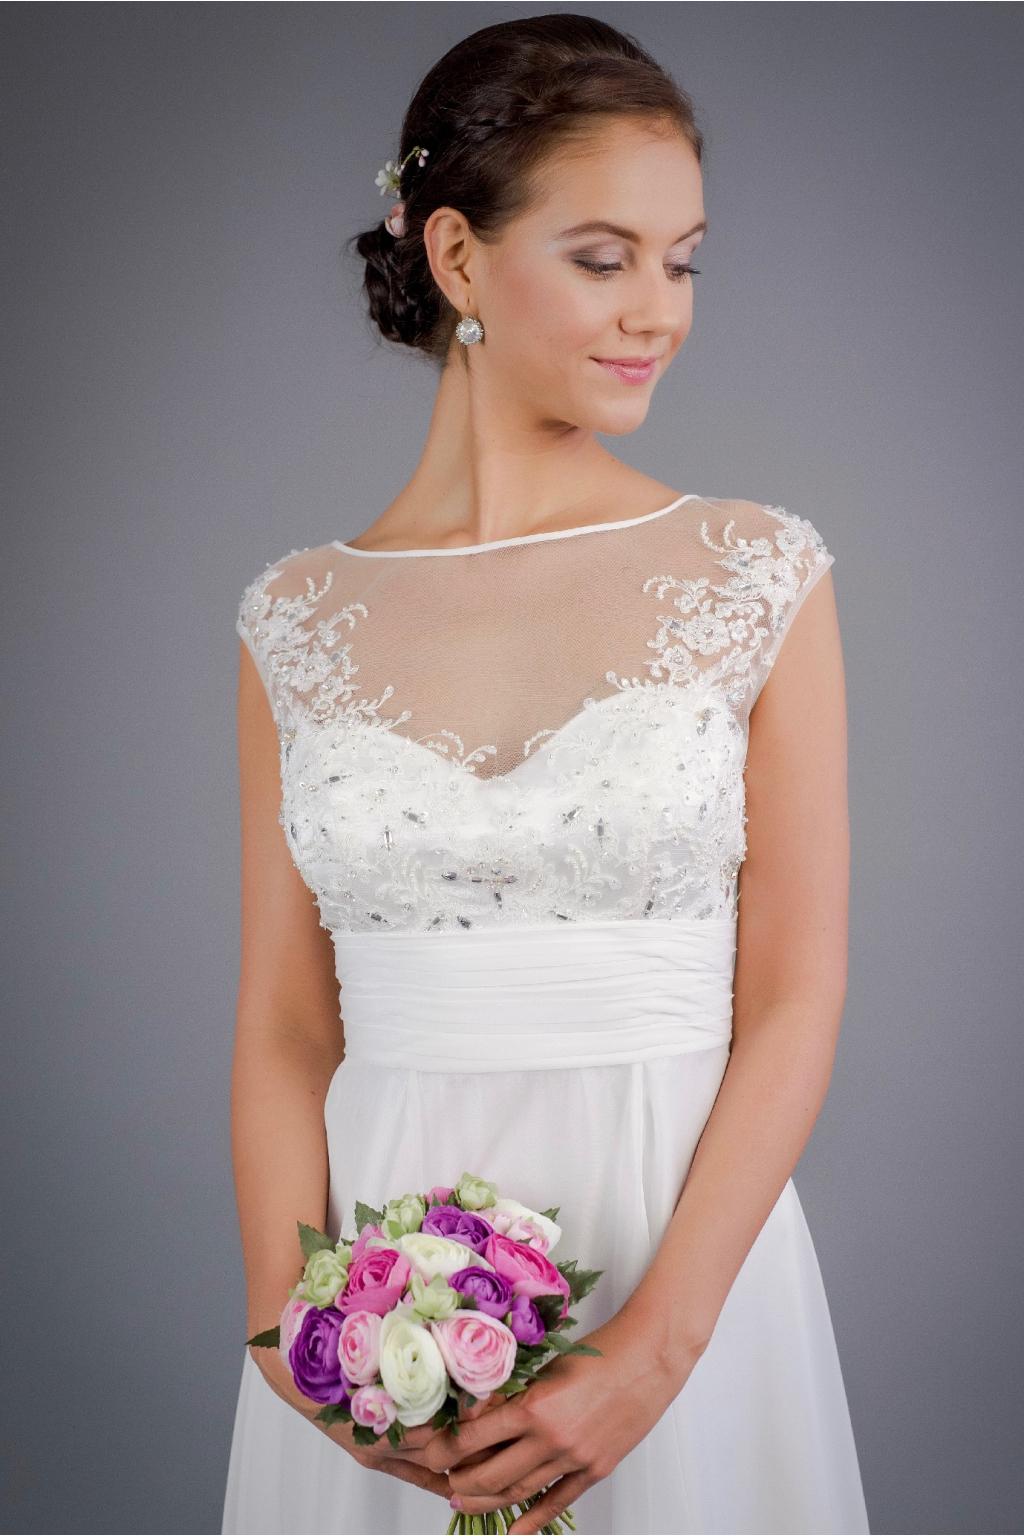 Jemné svatební šaty se zdobeným živůtkem · svatebni saty se zdobenym  zivutkem 1 · svatebni saty se zdobenym zivutkem 2 ... 81e9f76168